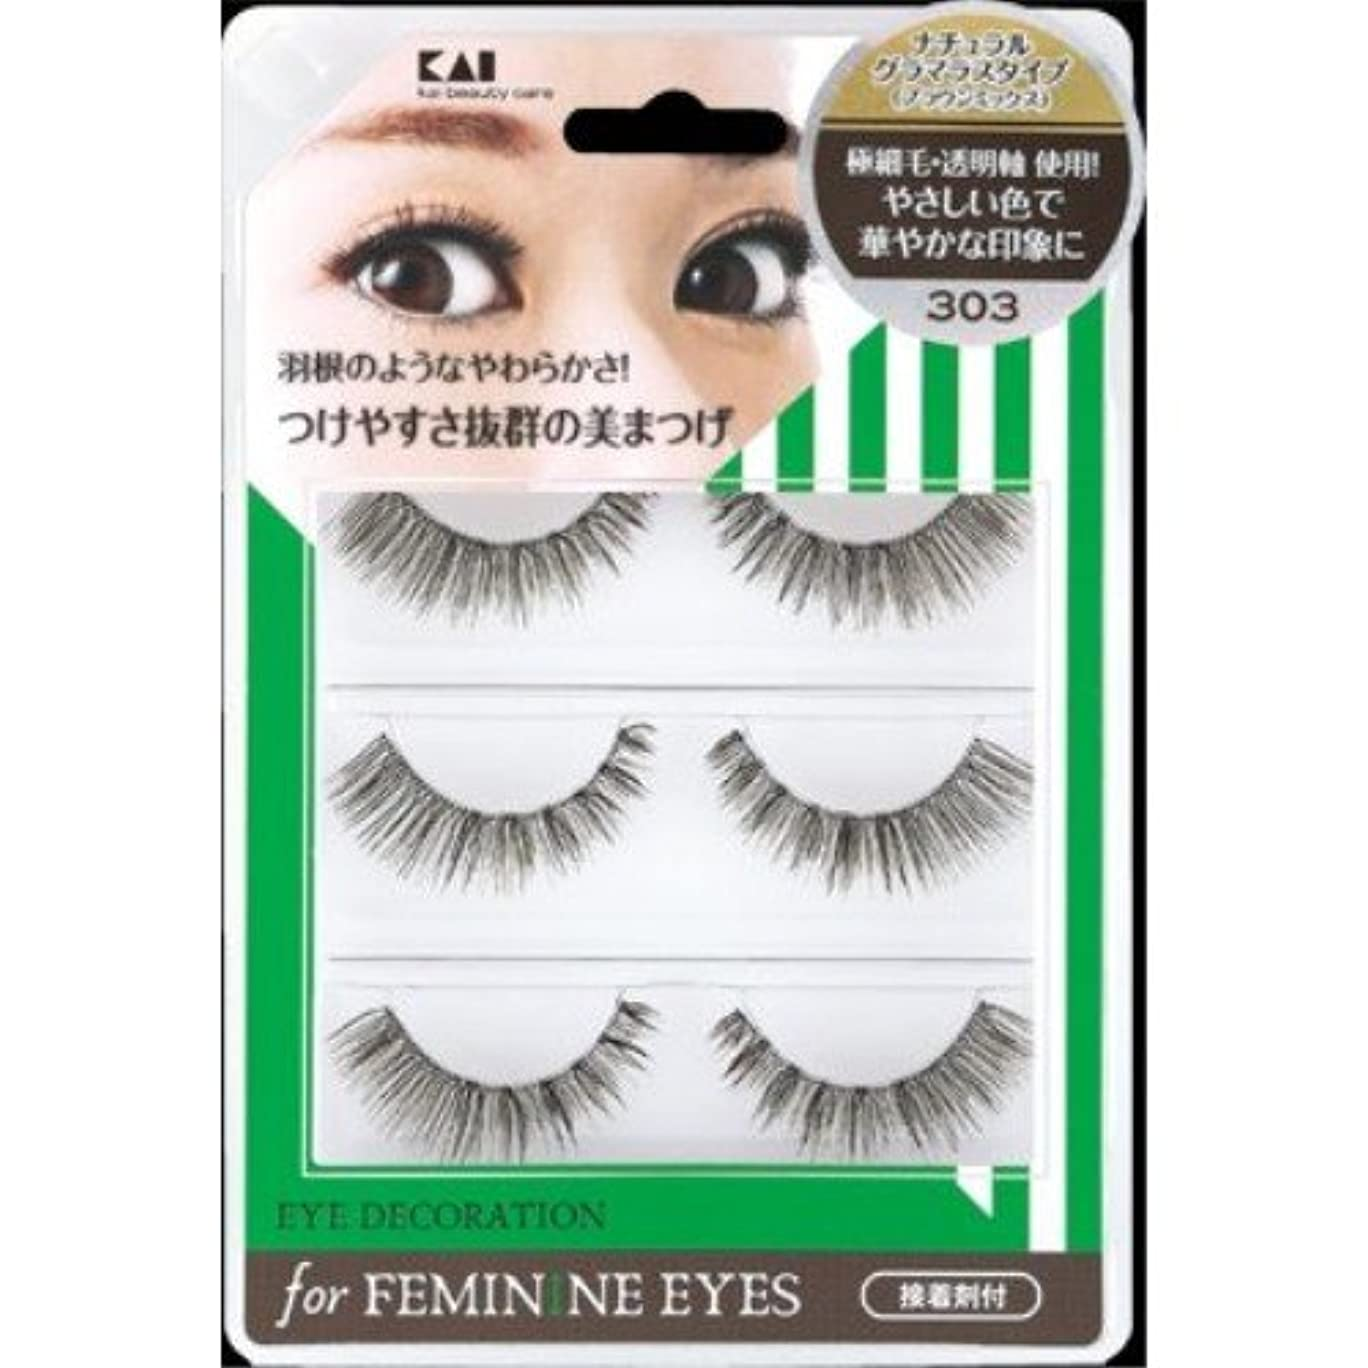 財団服ベジタリアン貝印 アイデコレーション for feminine eyes 303 HC1563